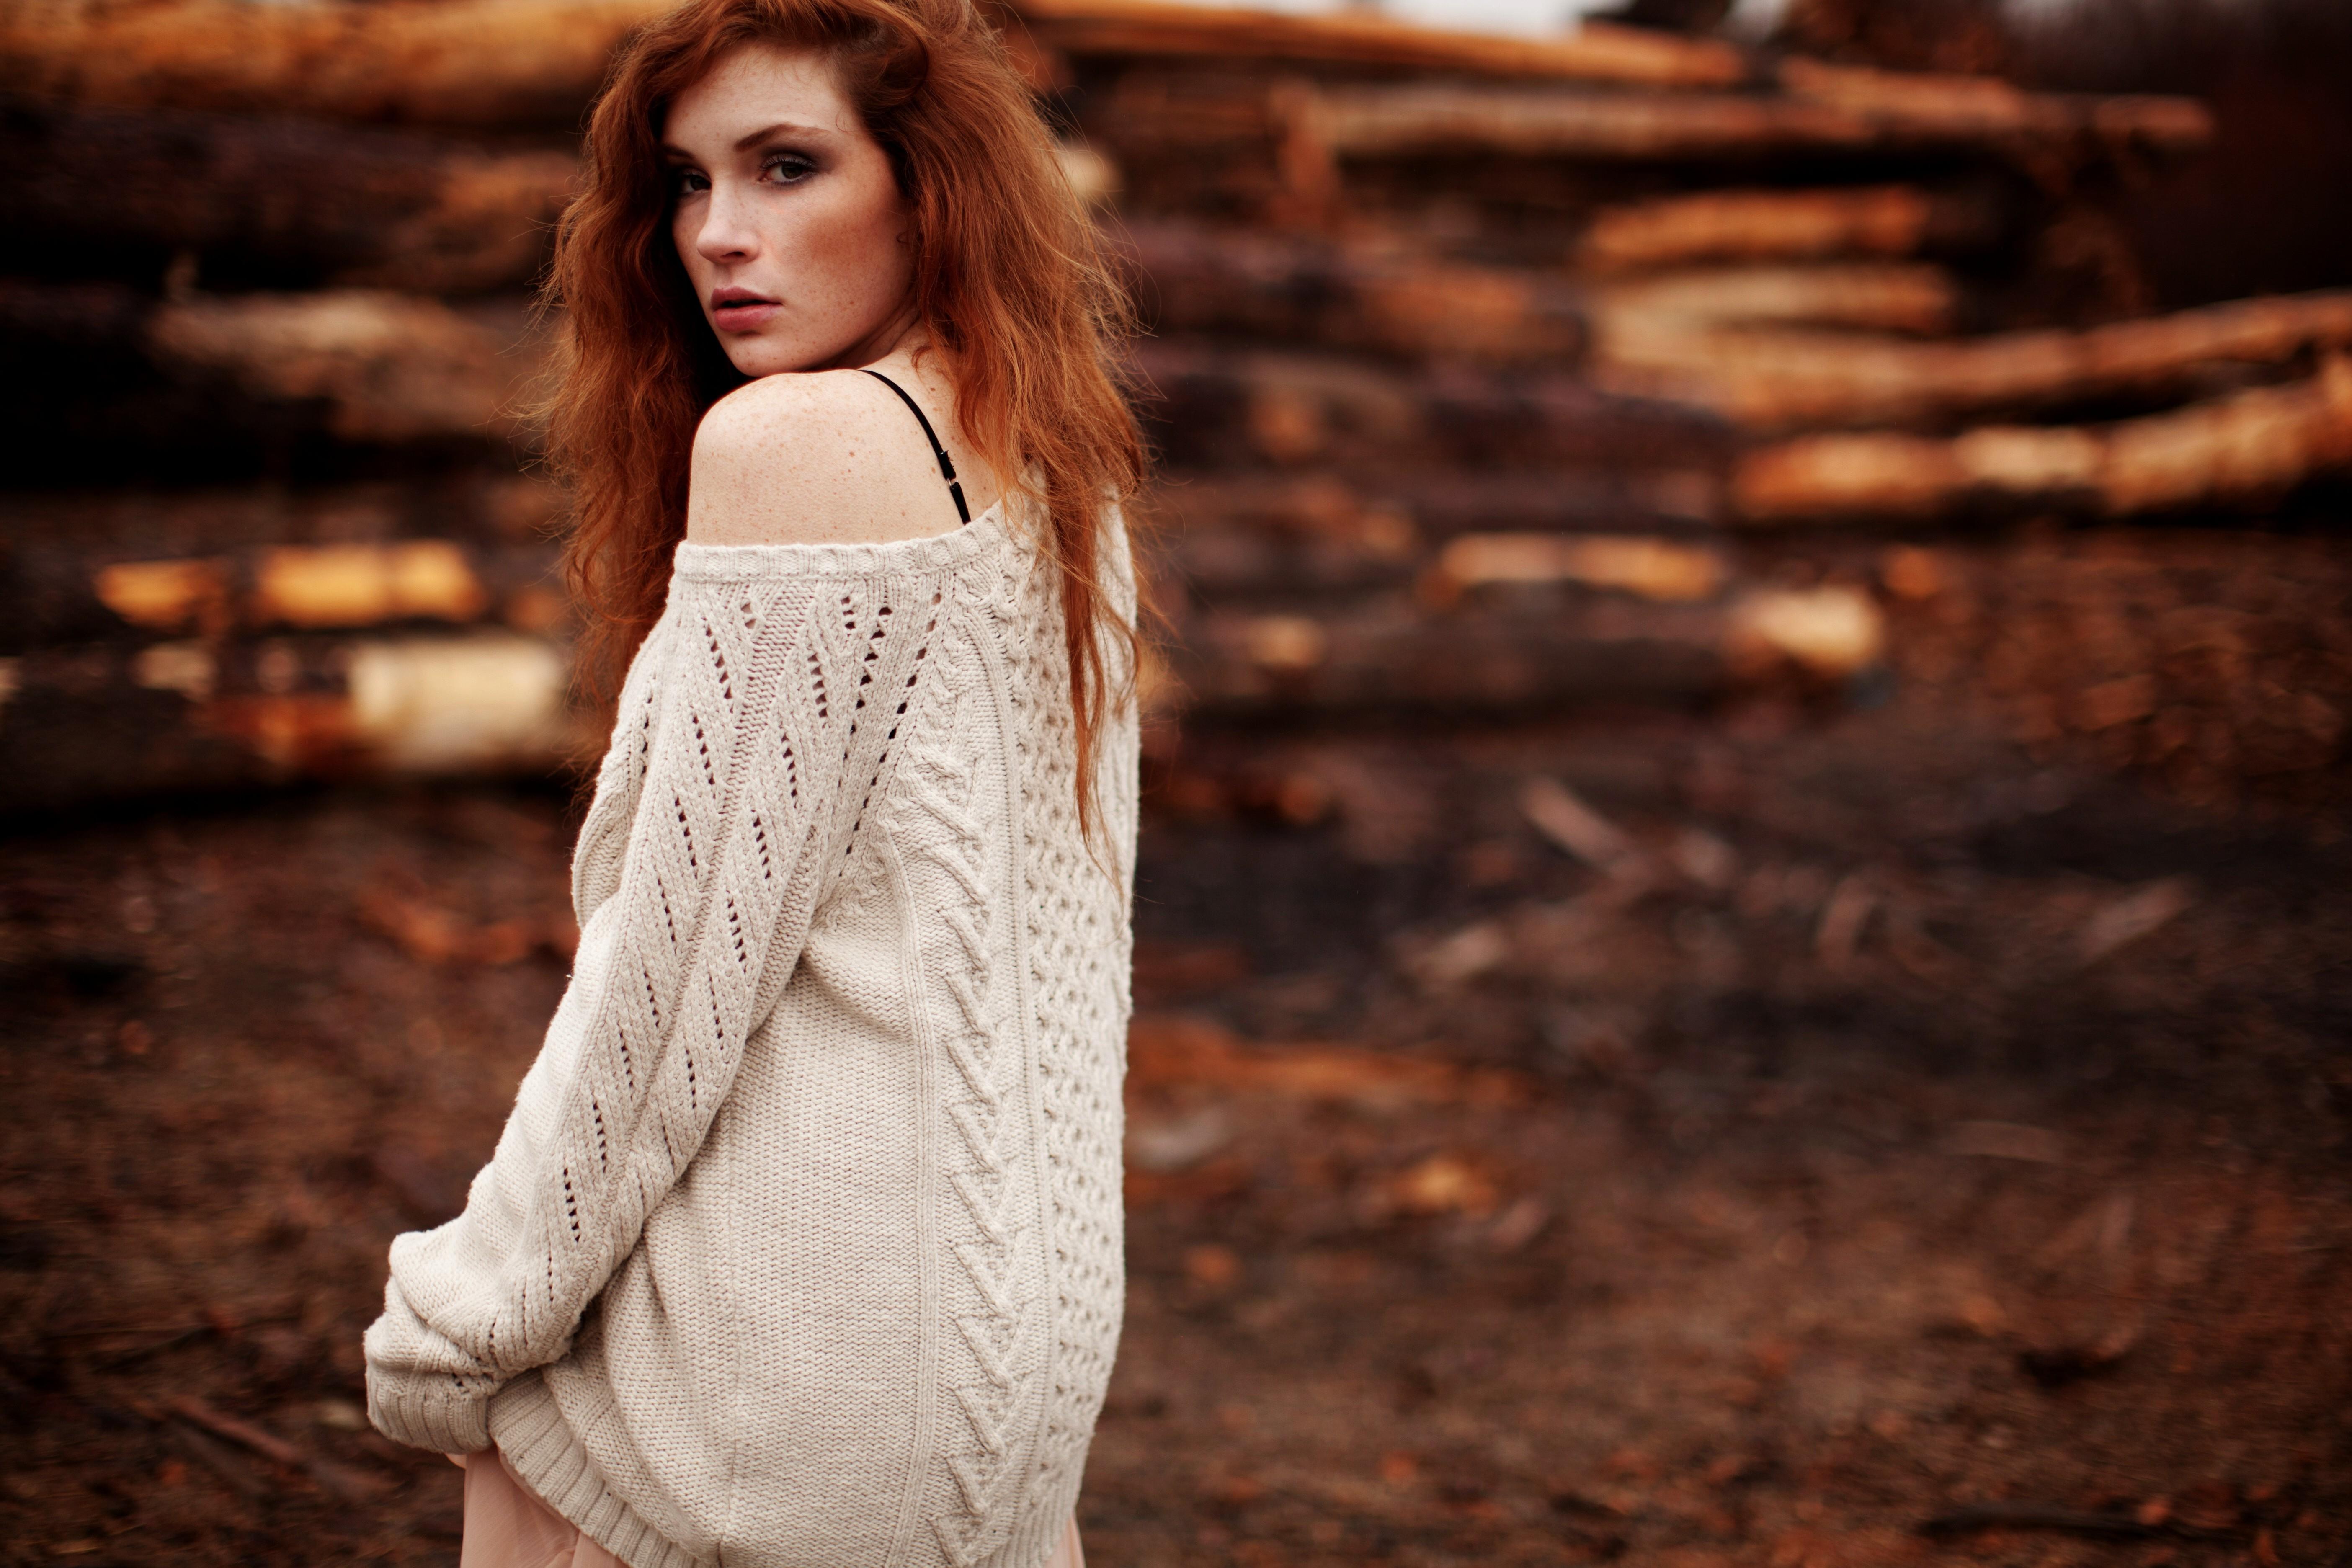 Фото в одном свитере 11 фотография